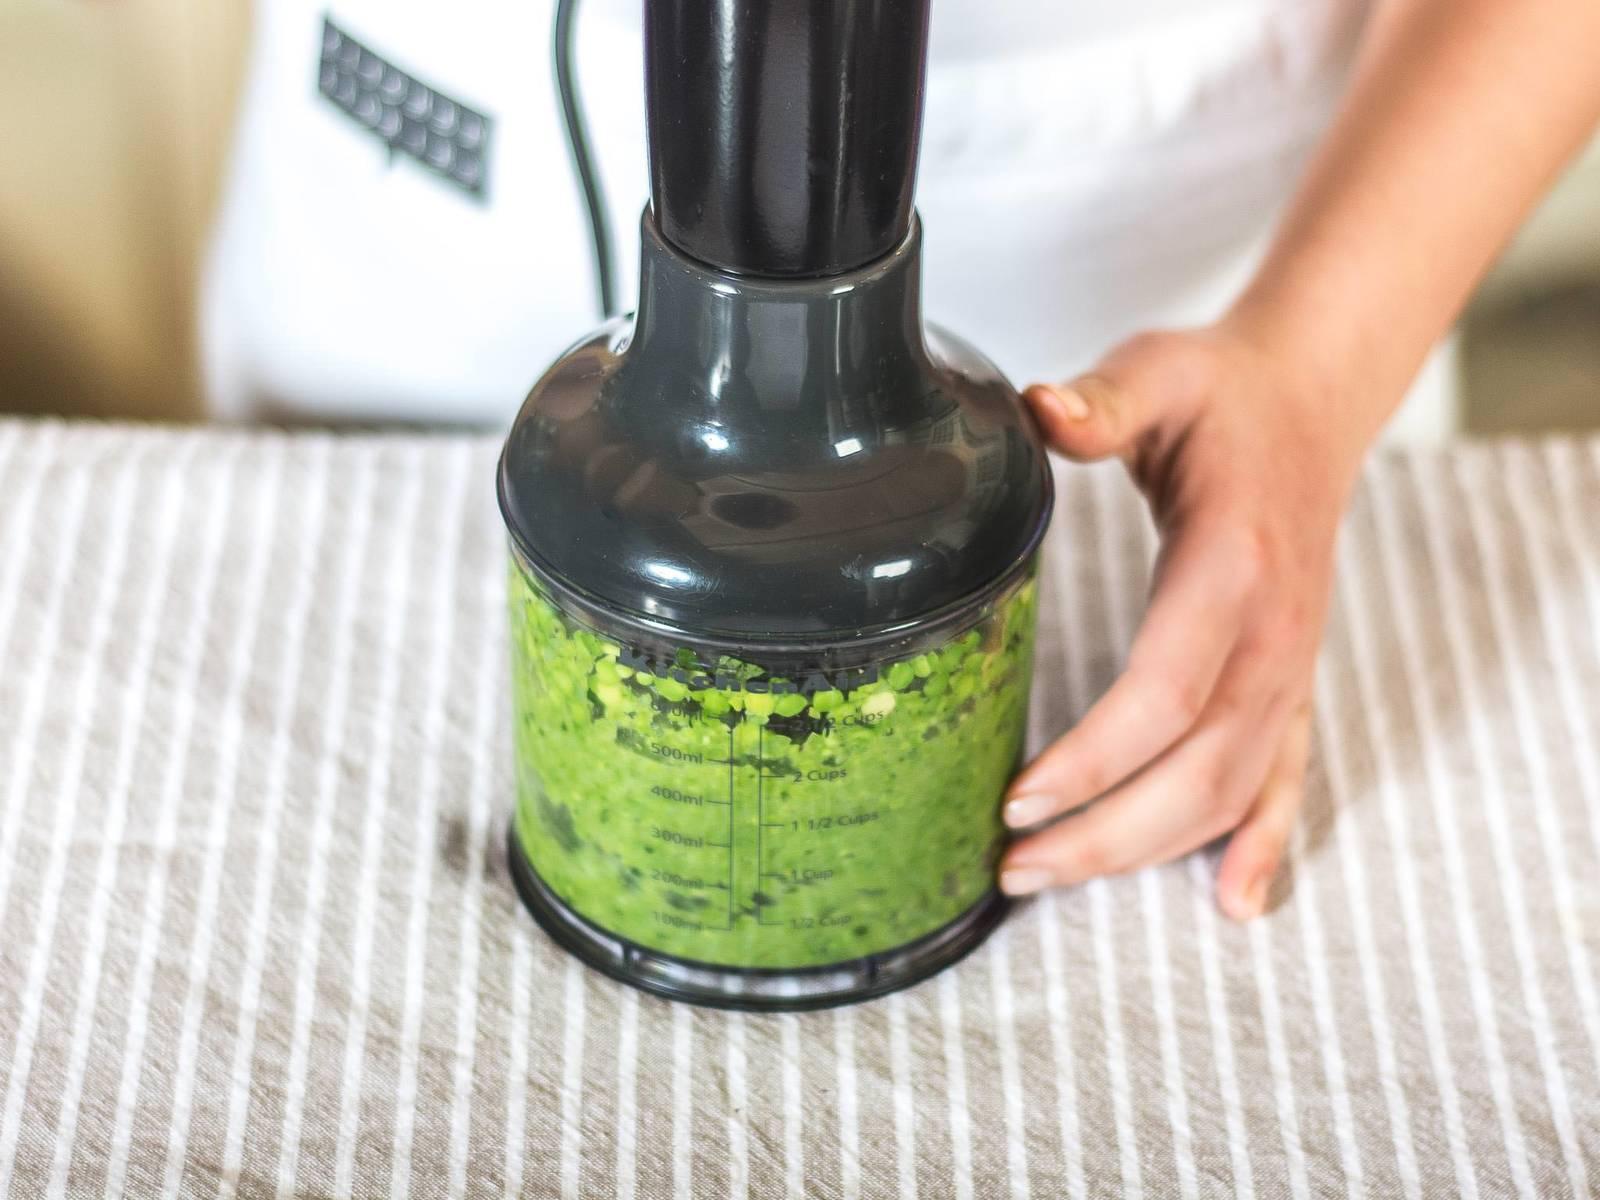 Aufgetaute Erbsen mit Gemüsefond, Minze, Muskat, Salz und Pfeffer in einer Küchenmaschine zu einem feinen Püree verarbeiten. Zum Servieren Lammspieße mit Sesam bestreuen und auf dem Püree anrichten.